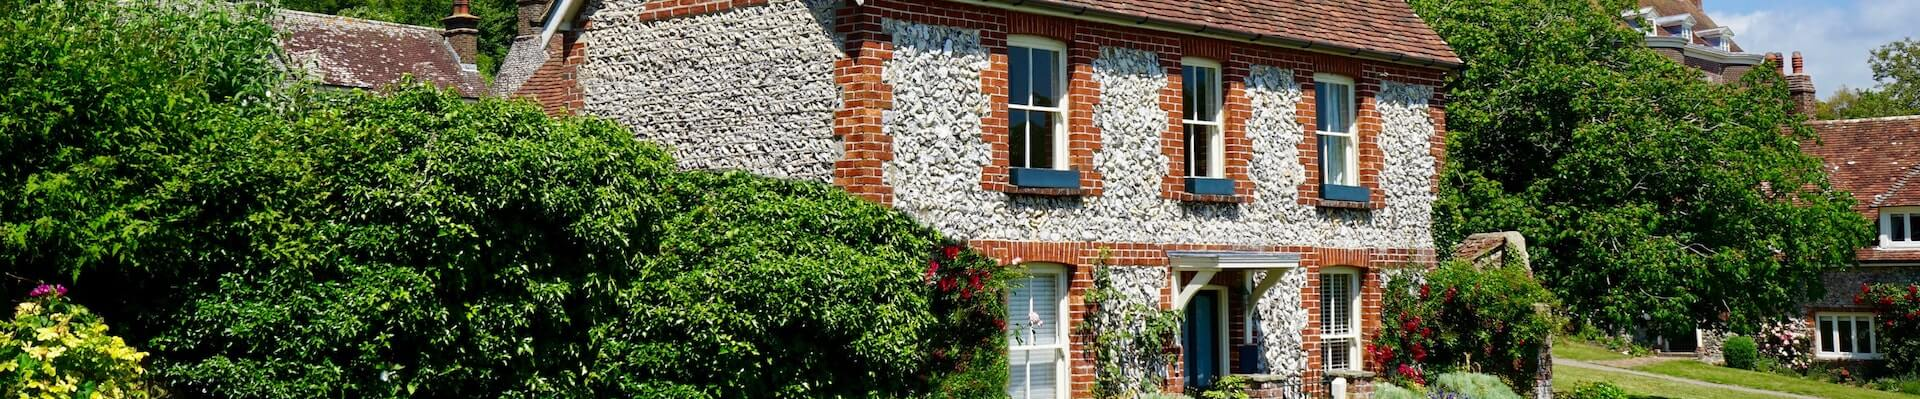 Hausfassade auf Backstein mit Rosengarten davor